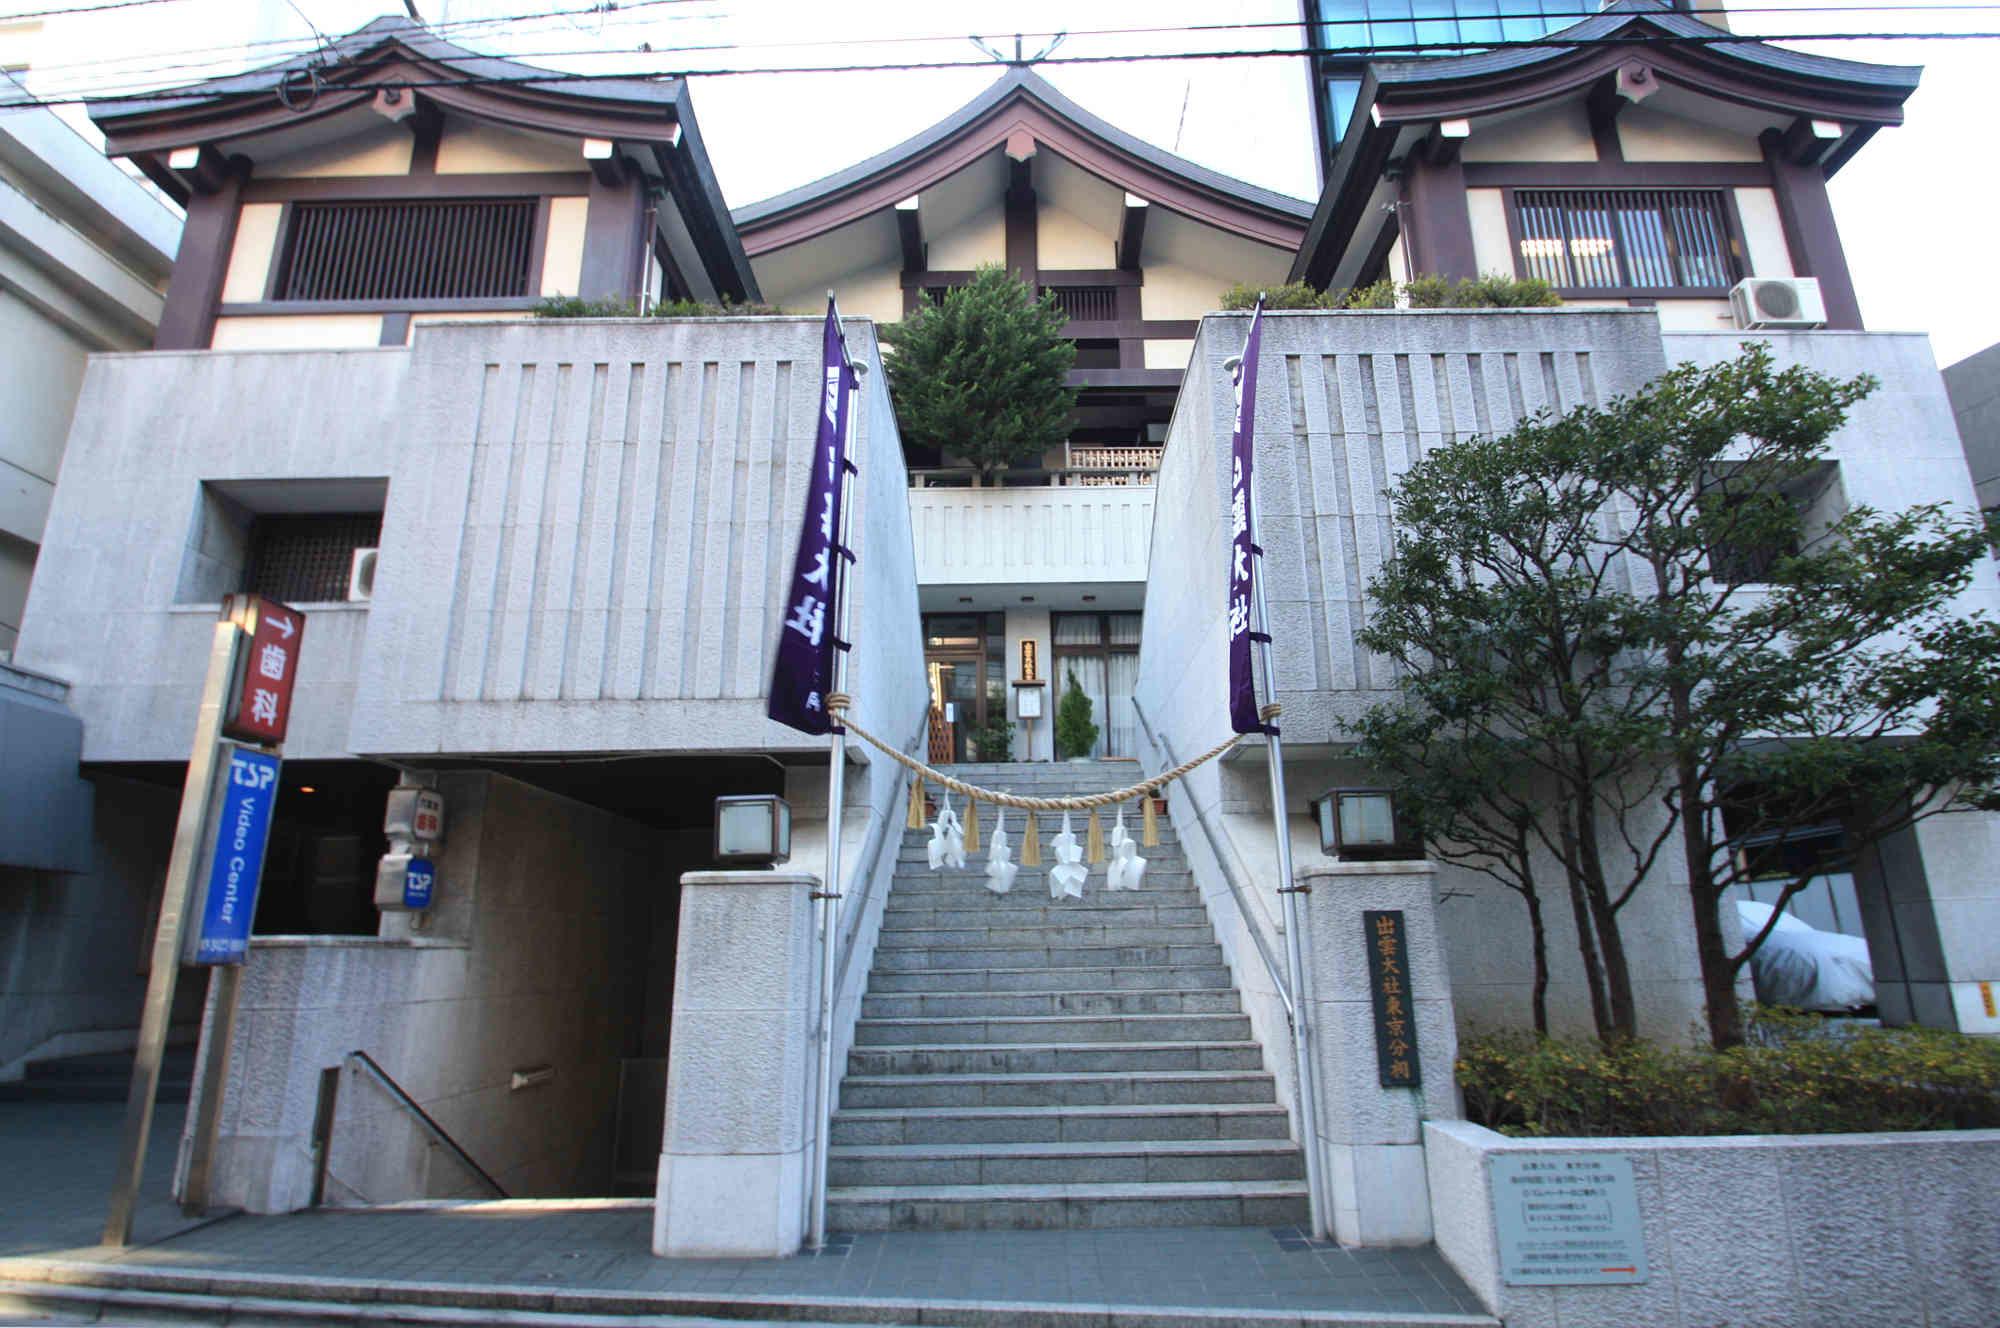 出雲大社東京分祀の入り口